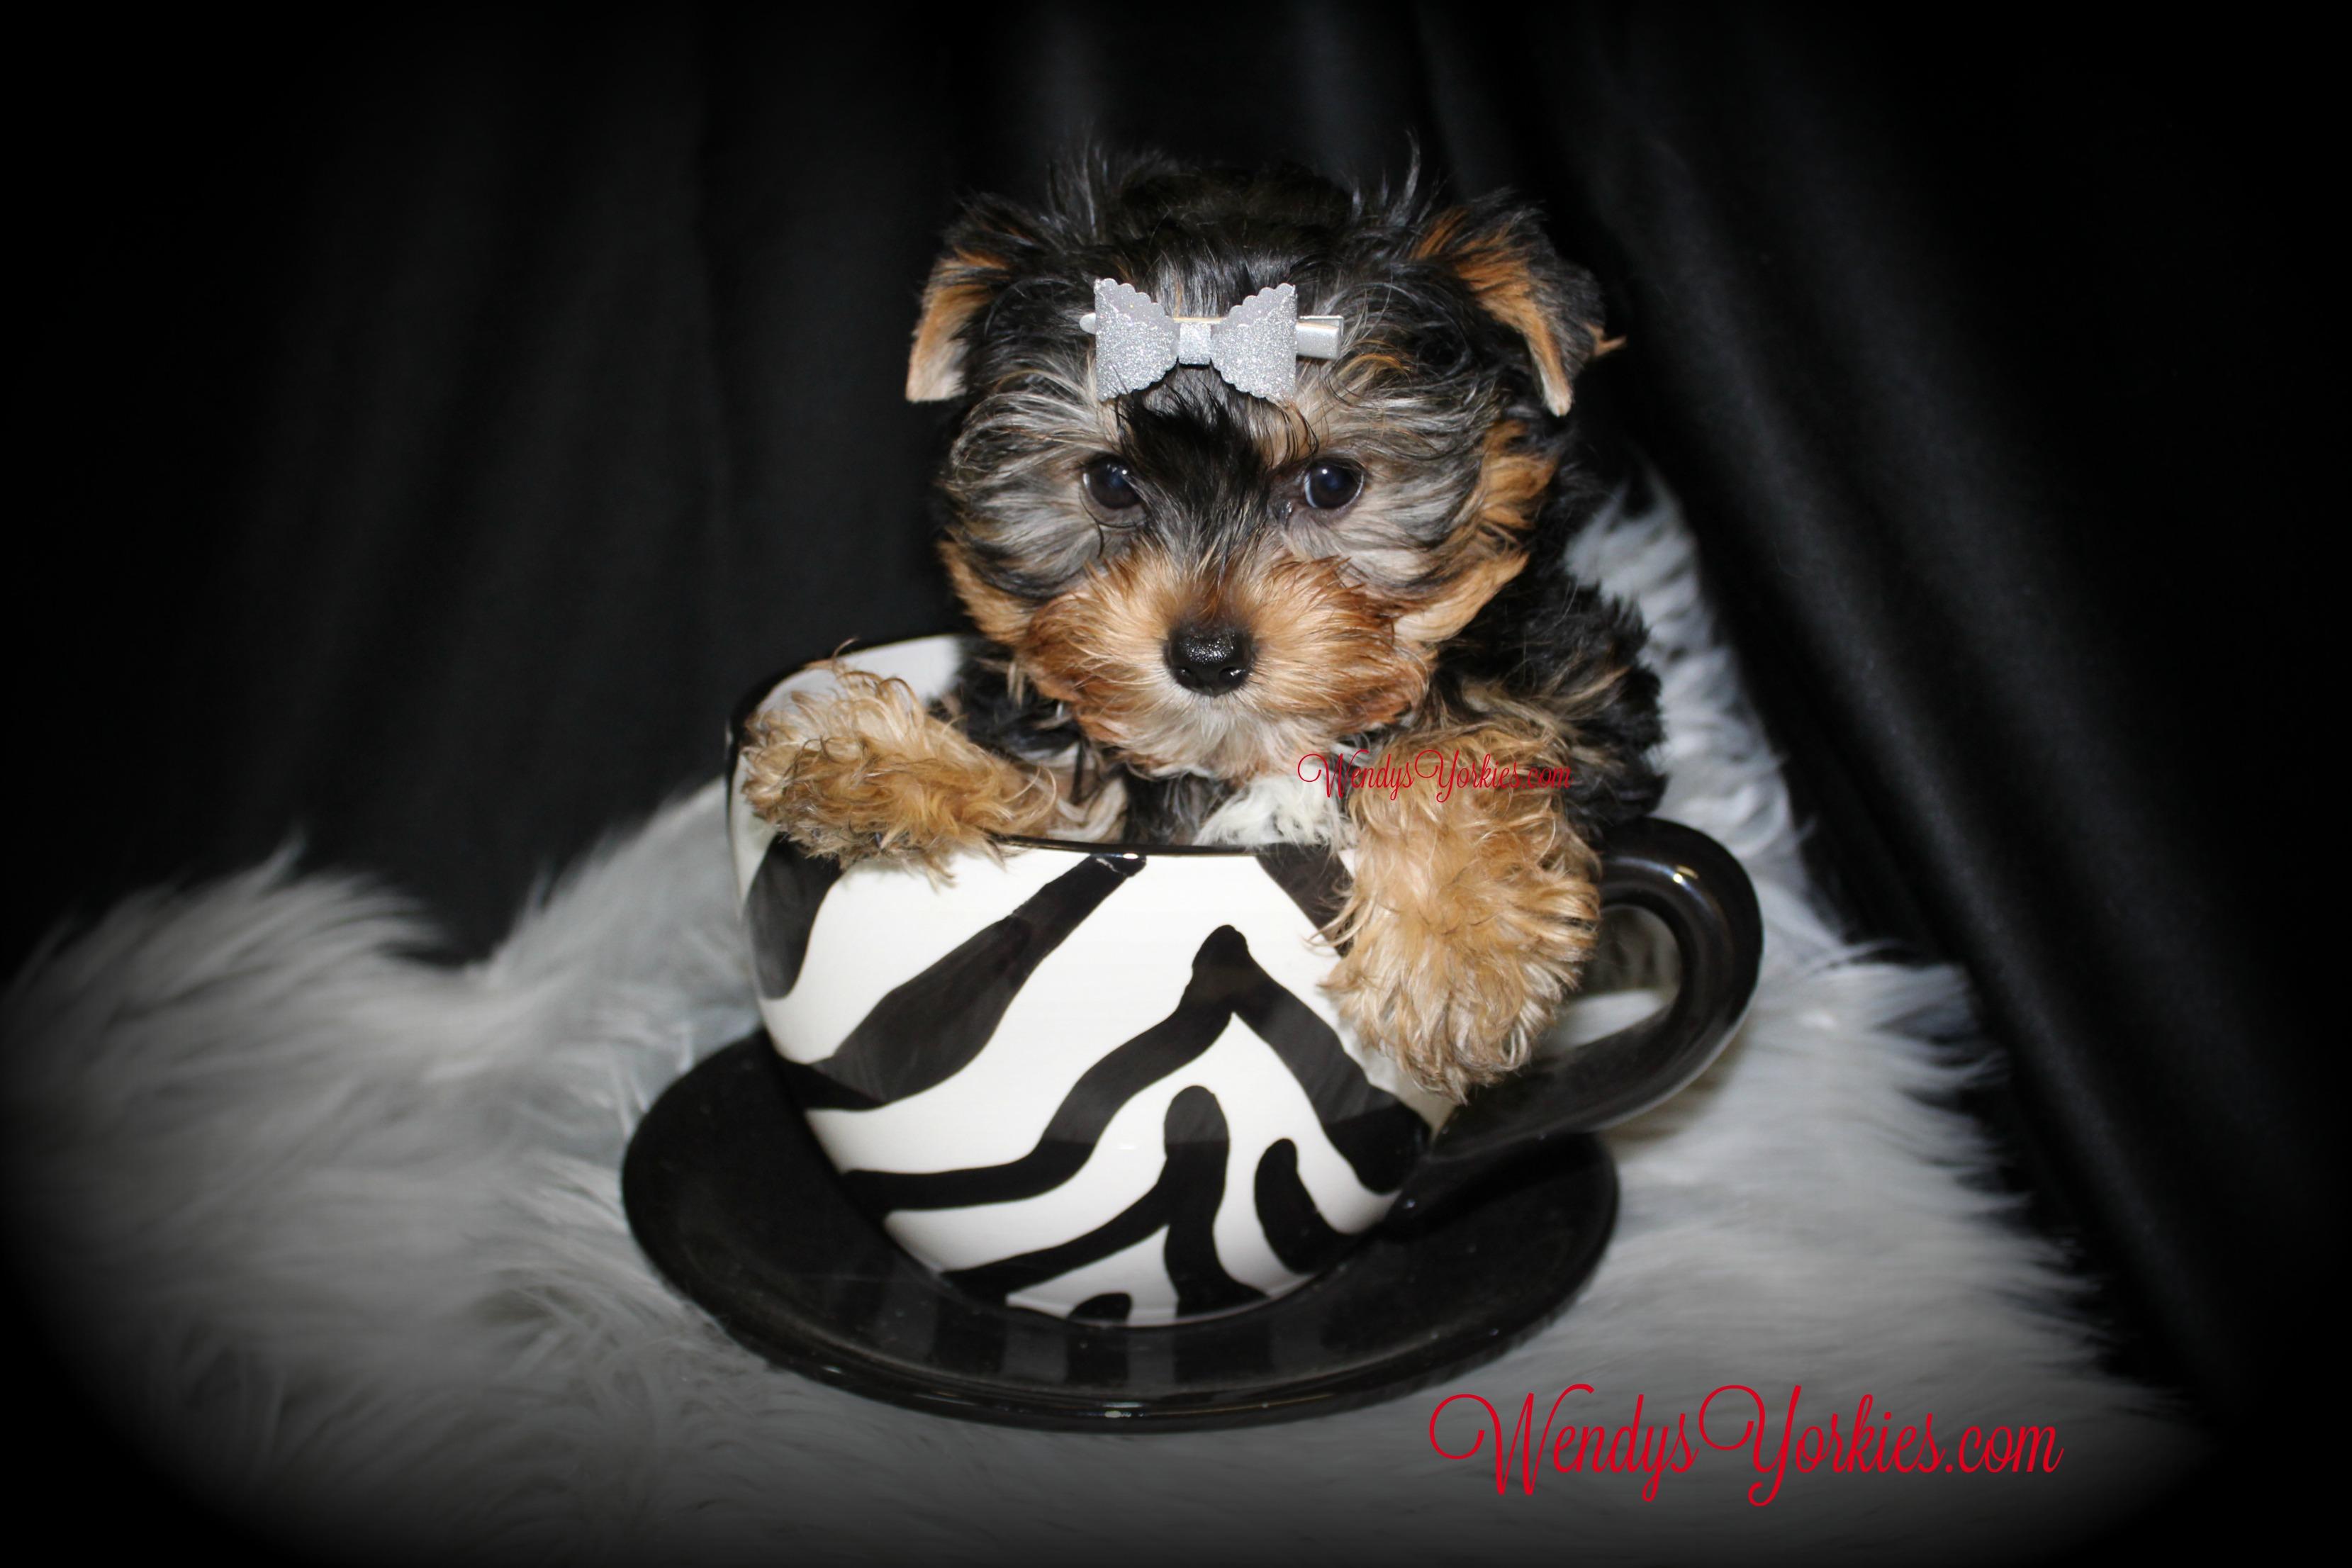 Cute Yorkie puppy for sale, WendysYorkies.com, Lexie Tm1